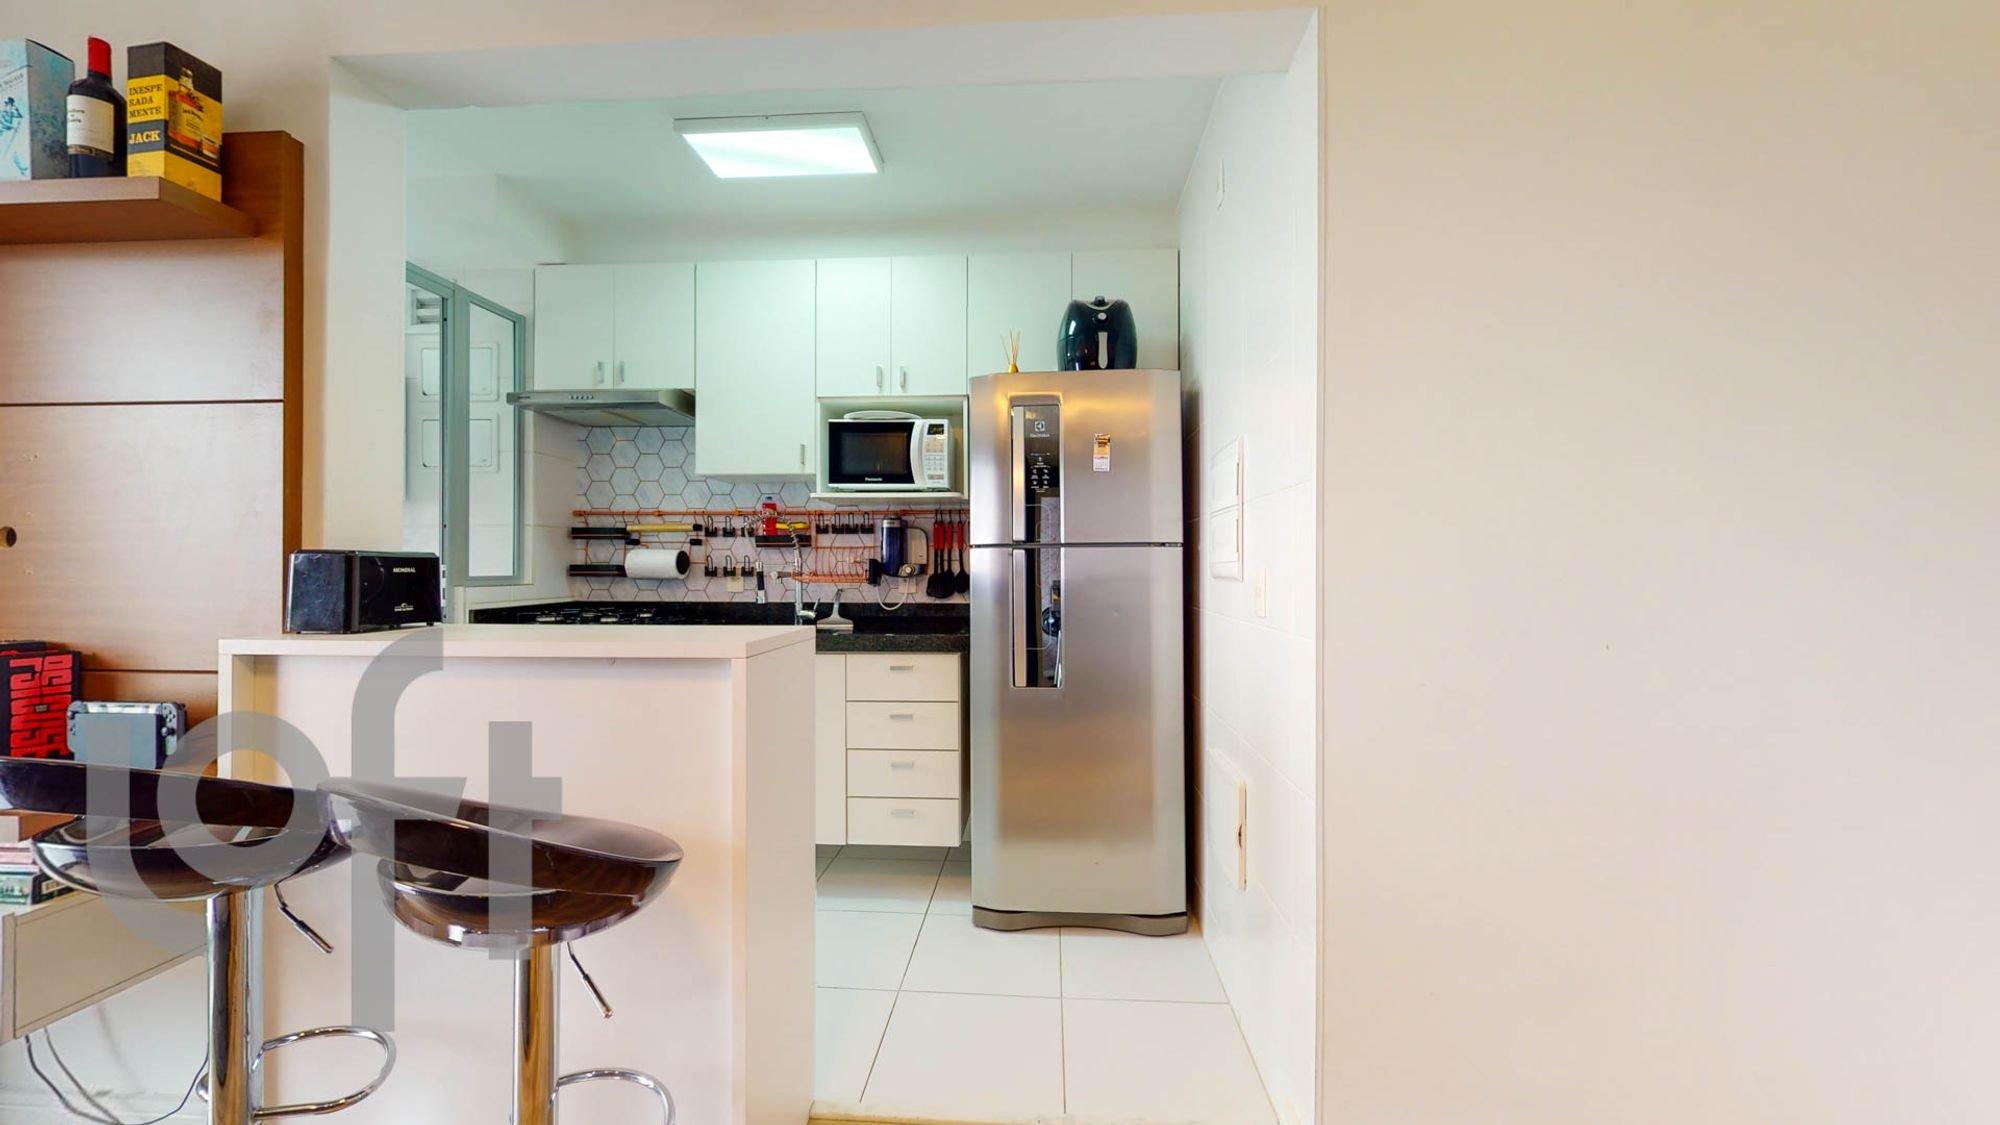 Foto de Cozinha com garrafa, geladeira, cadeira, microondas, mesa de jantar